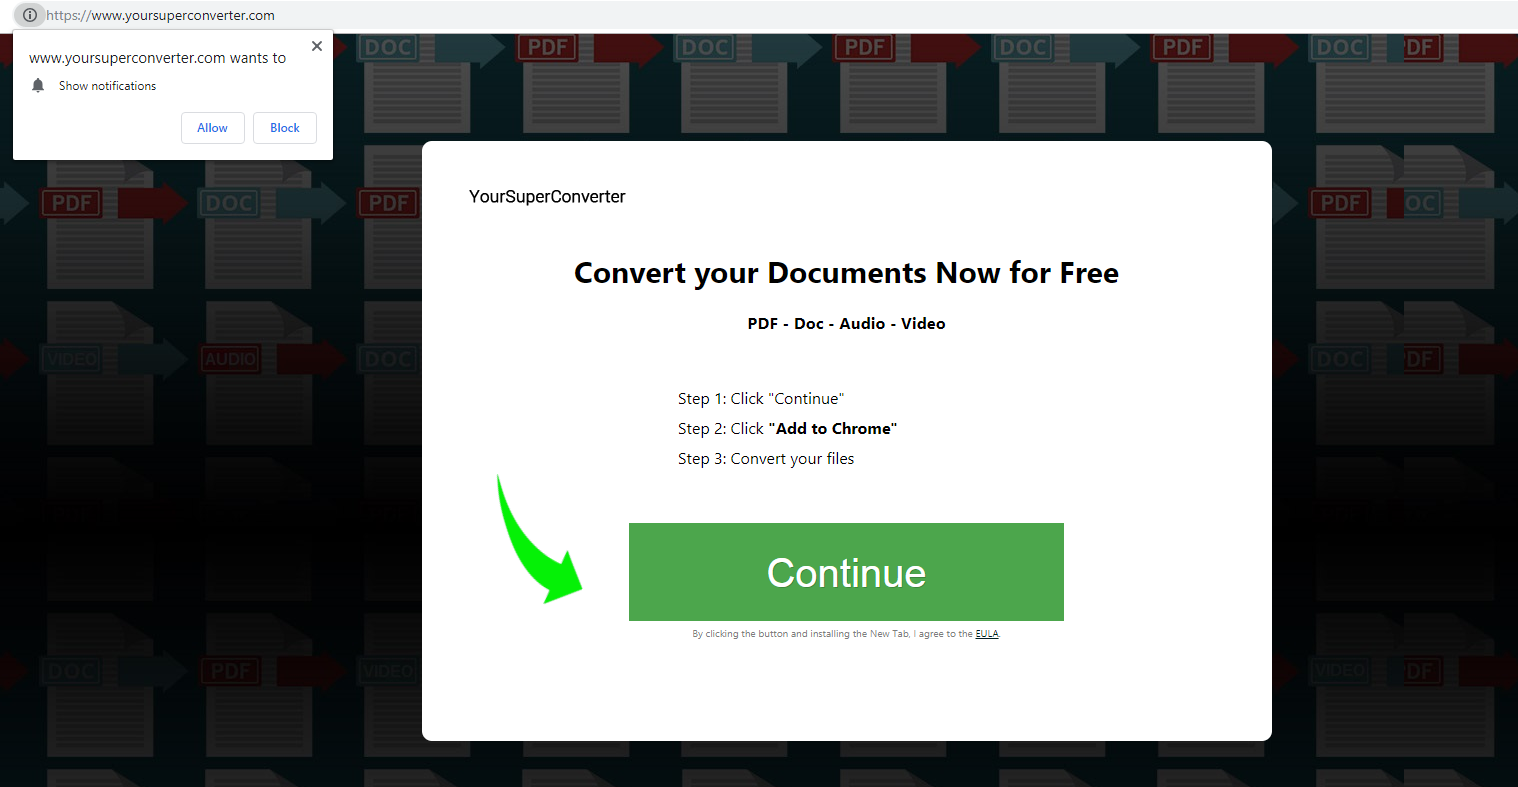 Remove YourSuperConverter adware